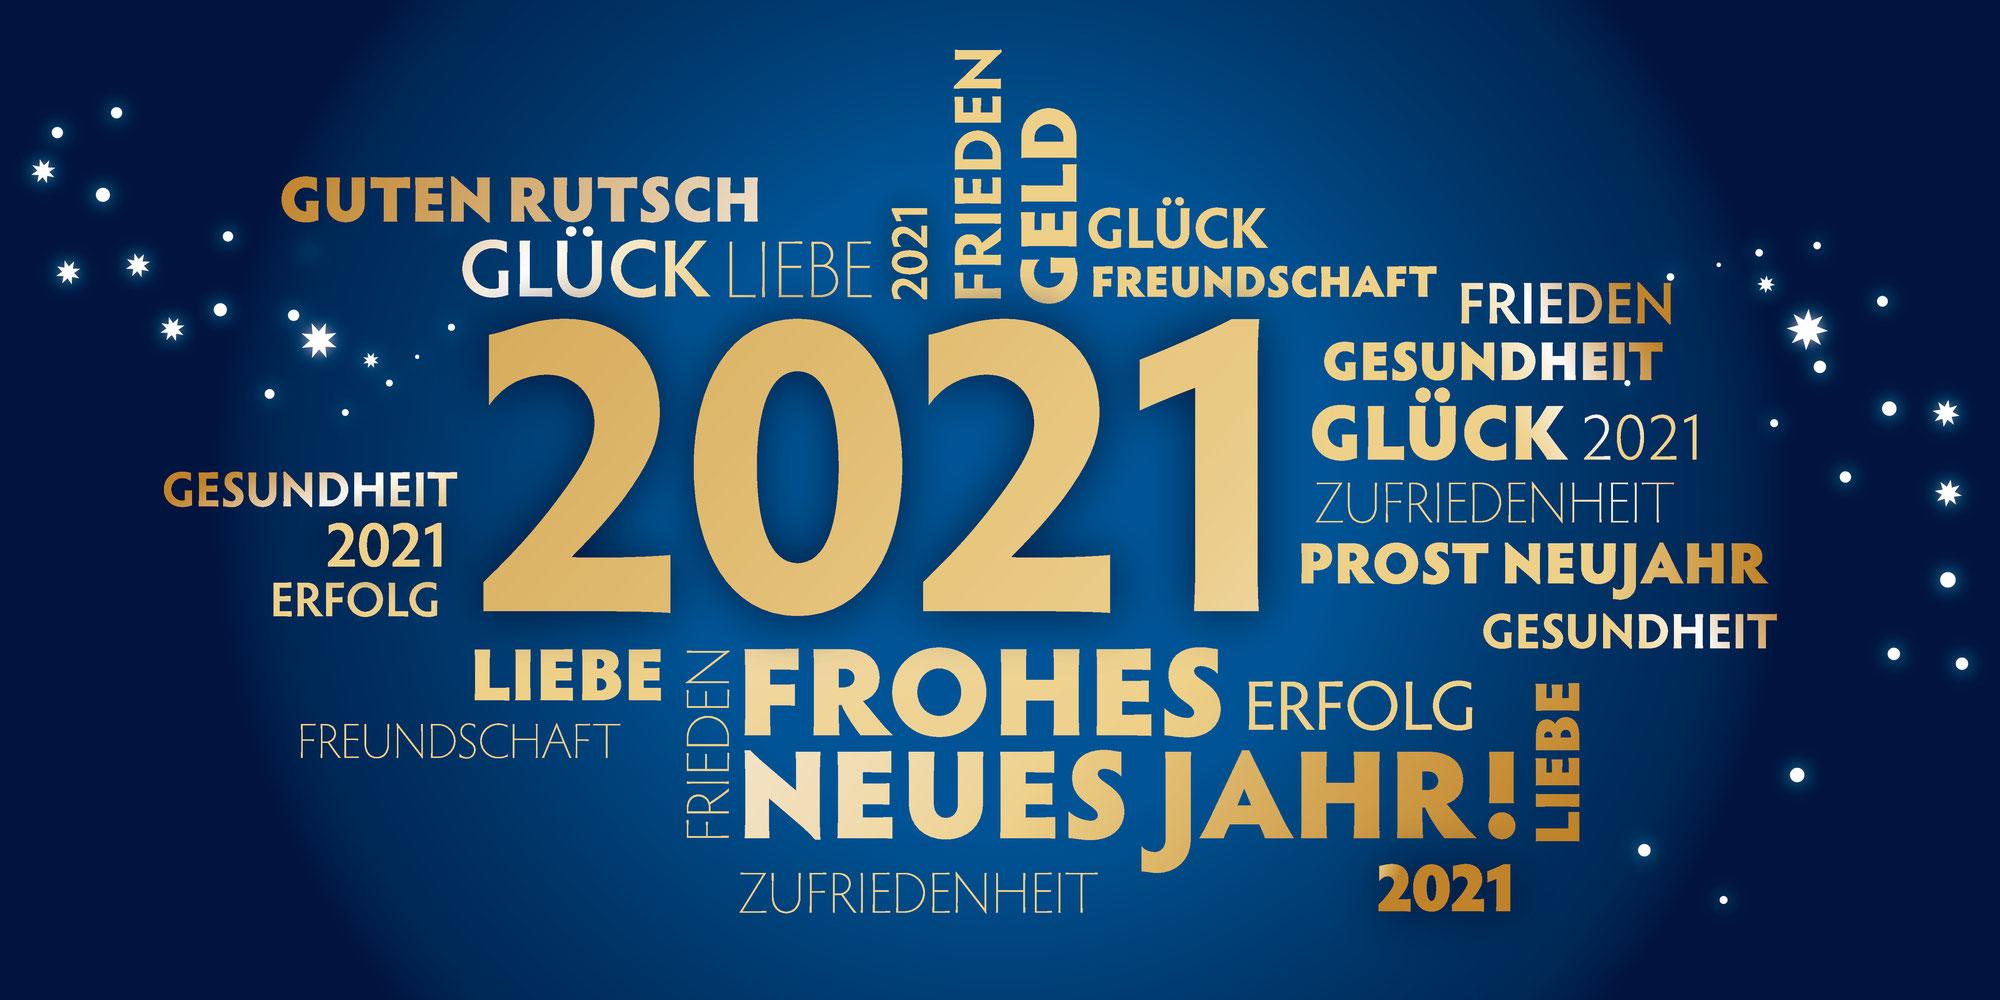 Alles Gute im neuen Jahr !!